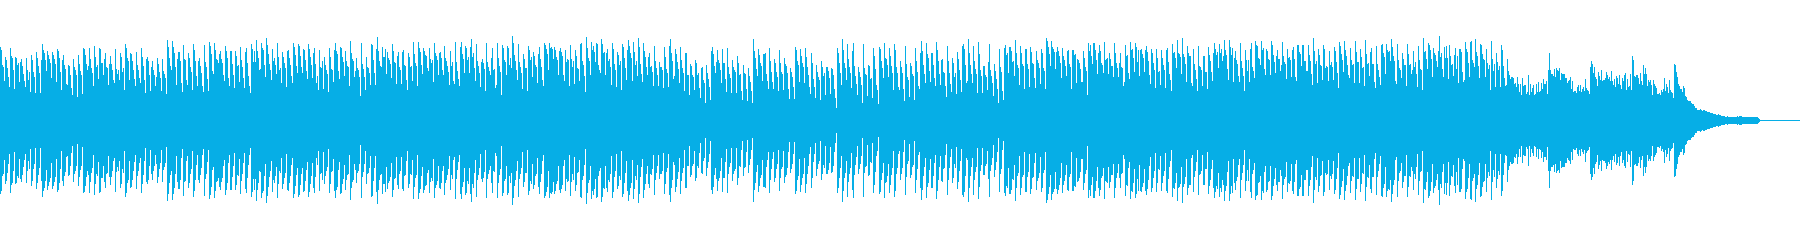 企業VP会社紹介 透明感爽やか疾走感A4の再生済みの波形